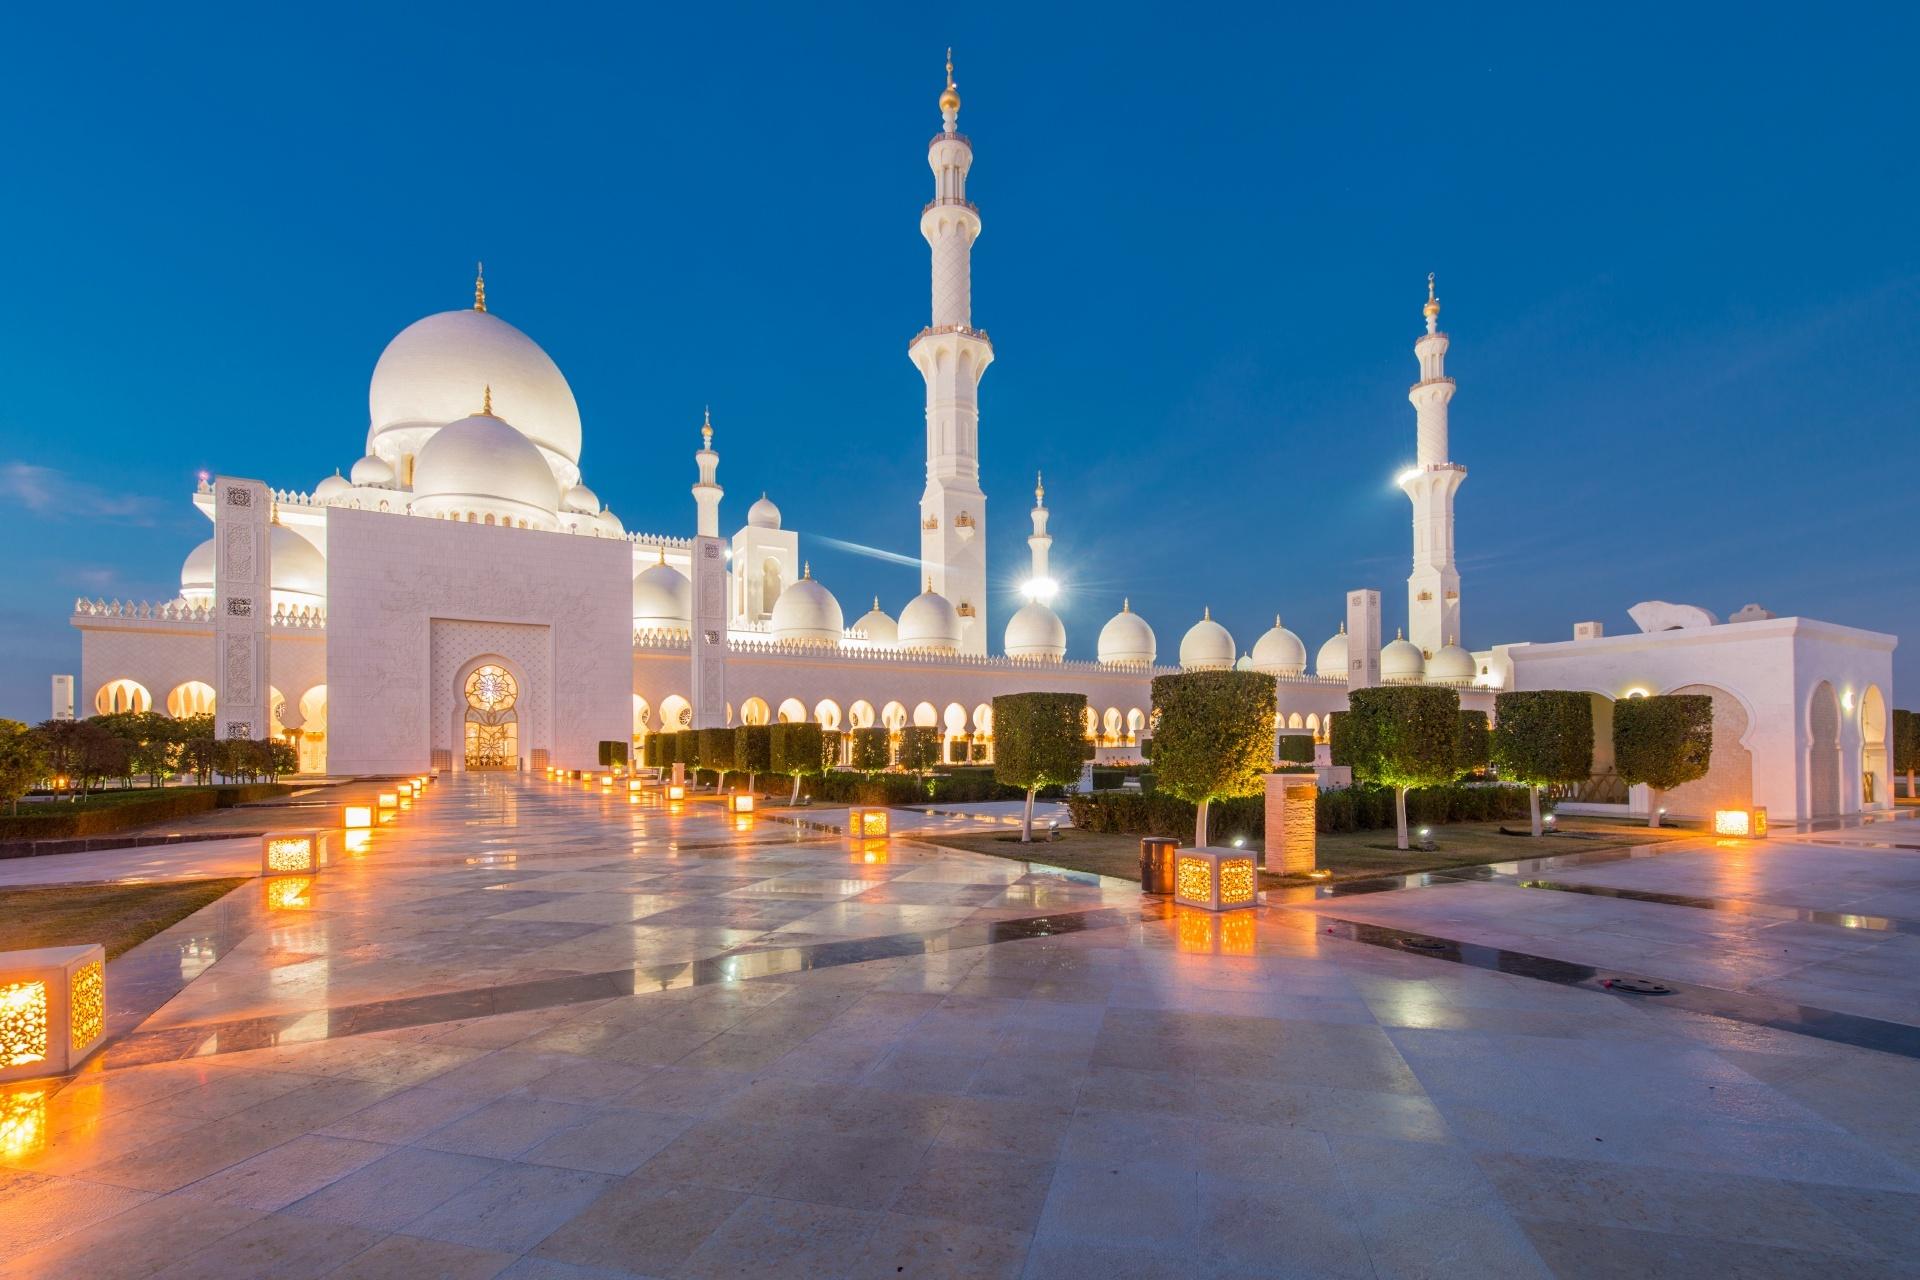 シェイク・ザーイド・モスク アラブ首長国連邦の風景